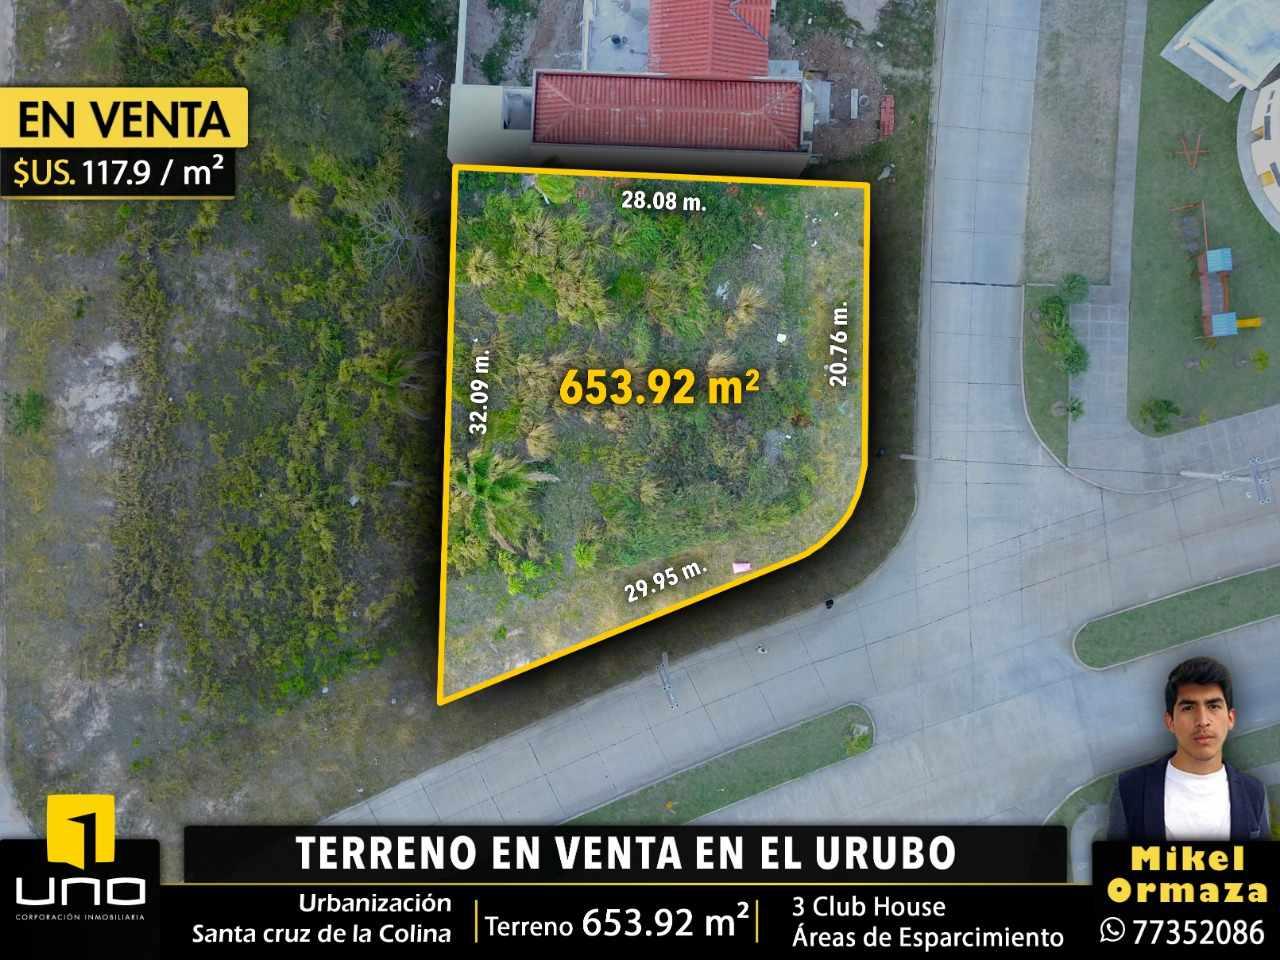 Terreno en Venta URUBO, CONDOMINIO SANTA CRUZ DE LA COLINA Foto 1